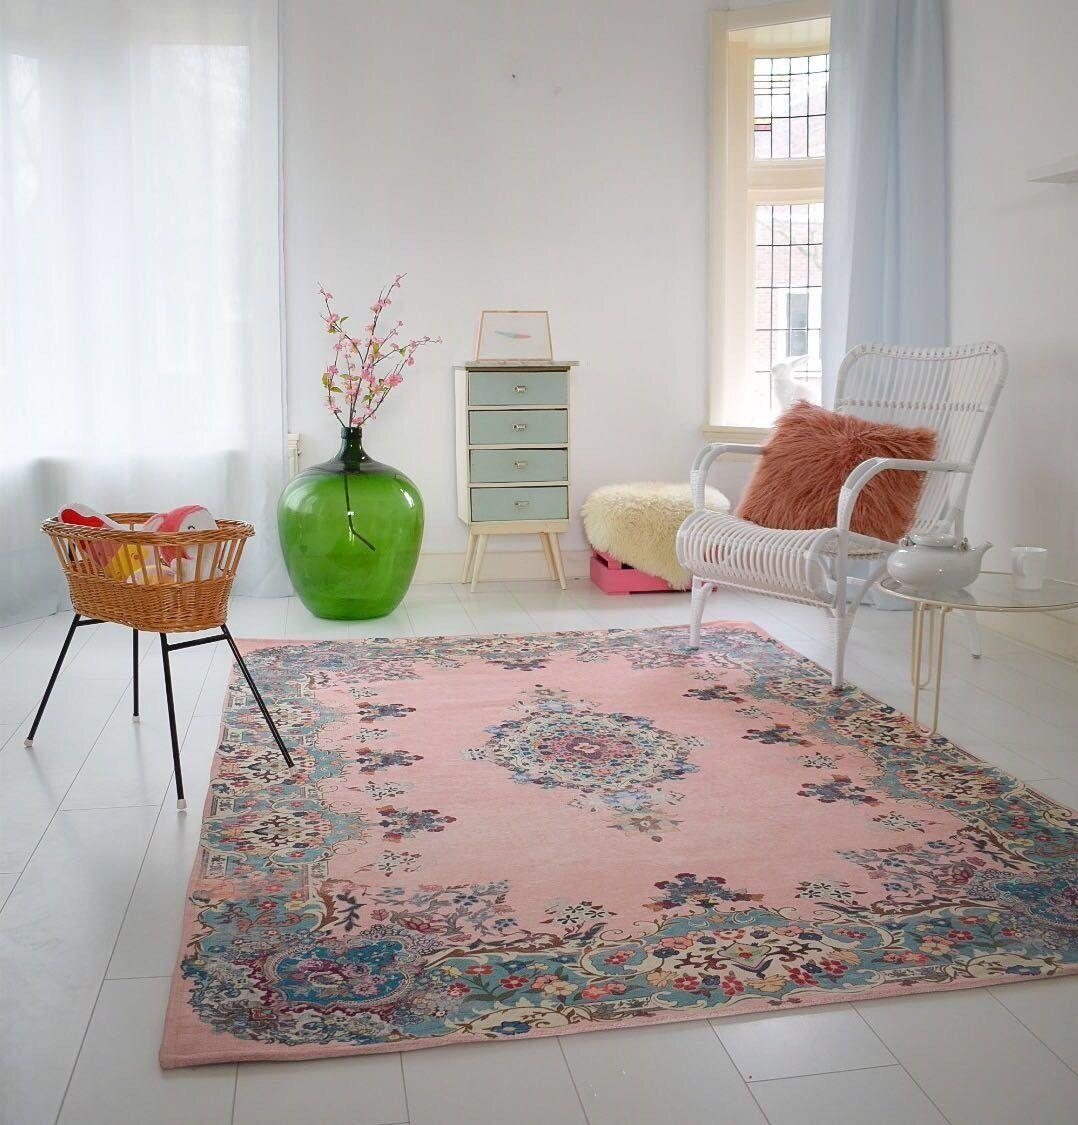 pastell vintage teppich   im angesagten shabby chic look   für, Schlafzimmer entwurf